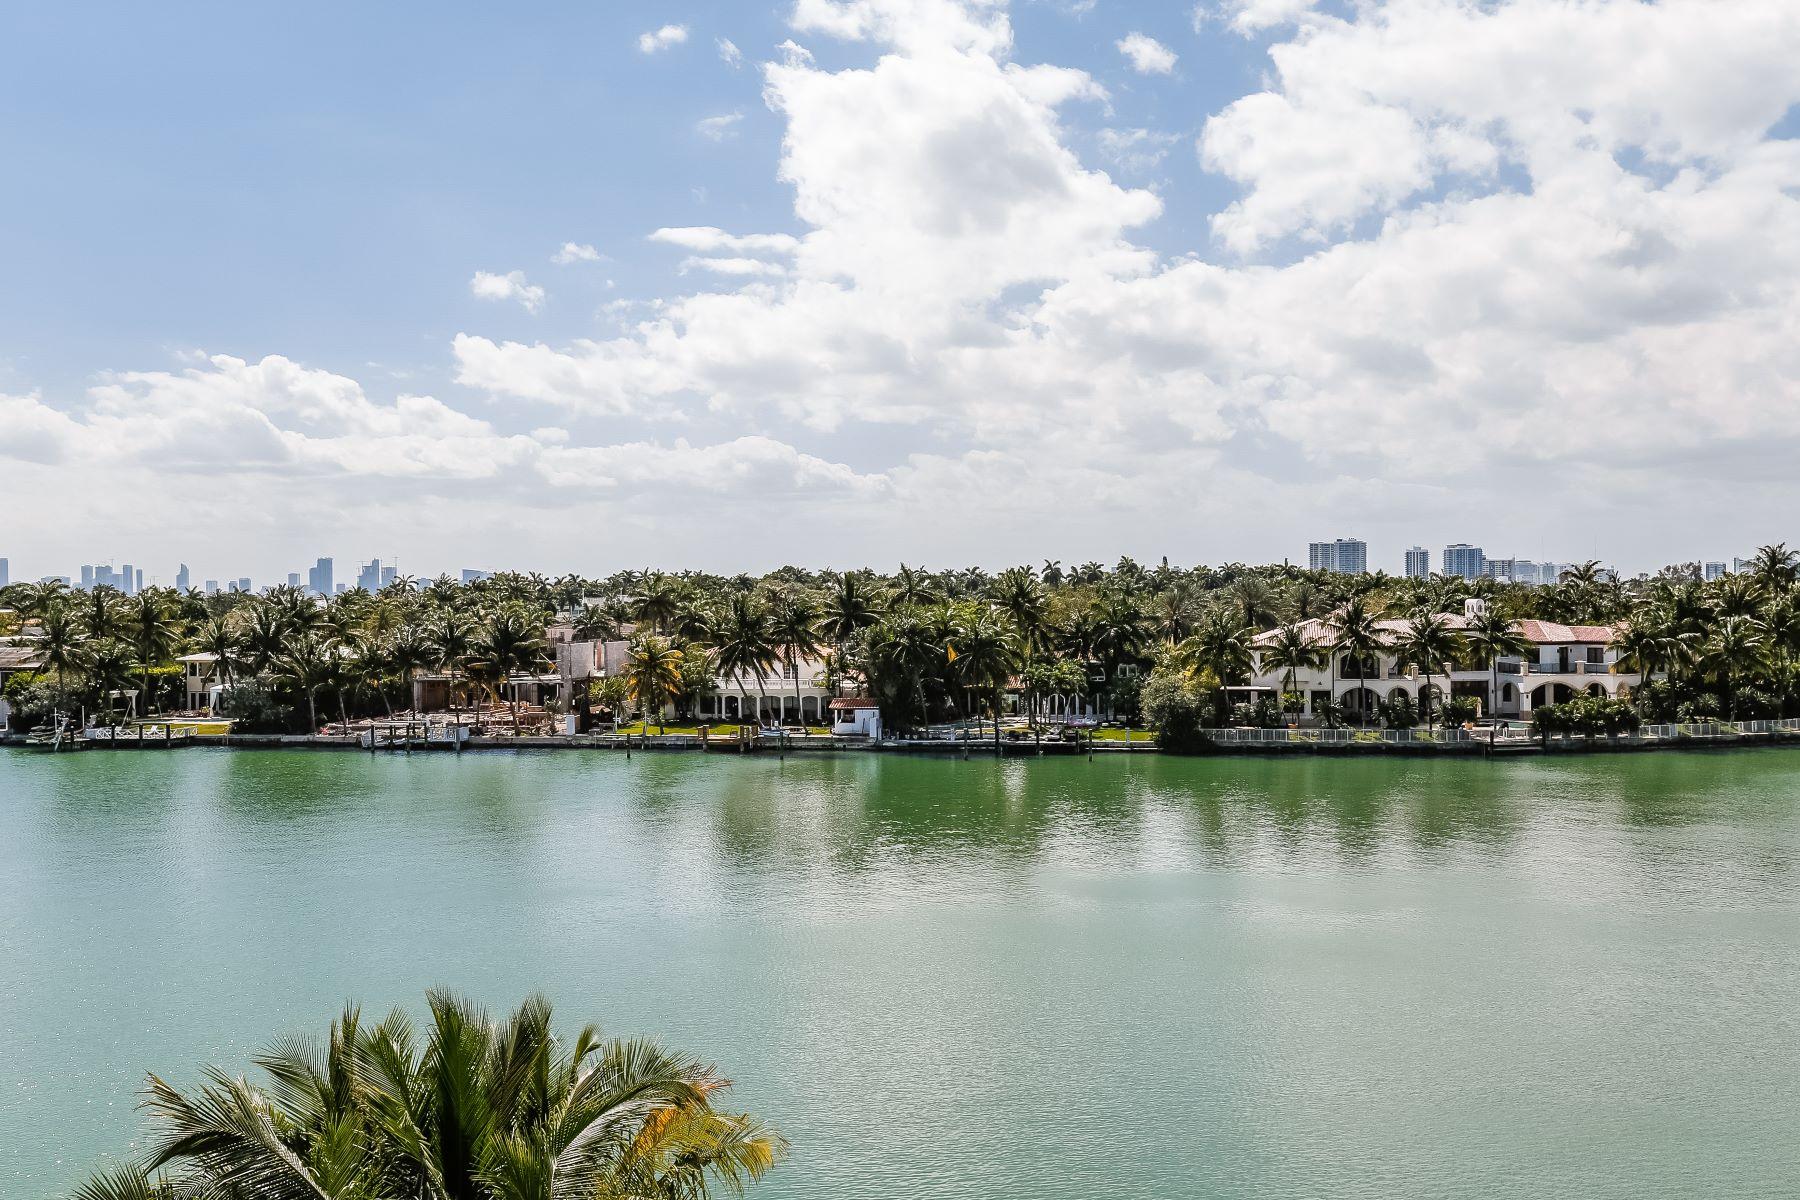 共管物業 為 出售 在 6610 Indian Creek Dr 6610 Indian Creek Dr 513, Miami Beach, 佛羅里達州, 33141 美國